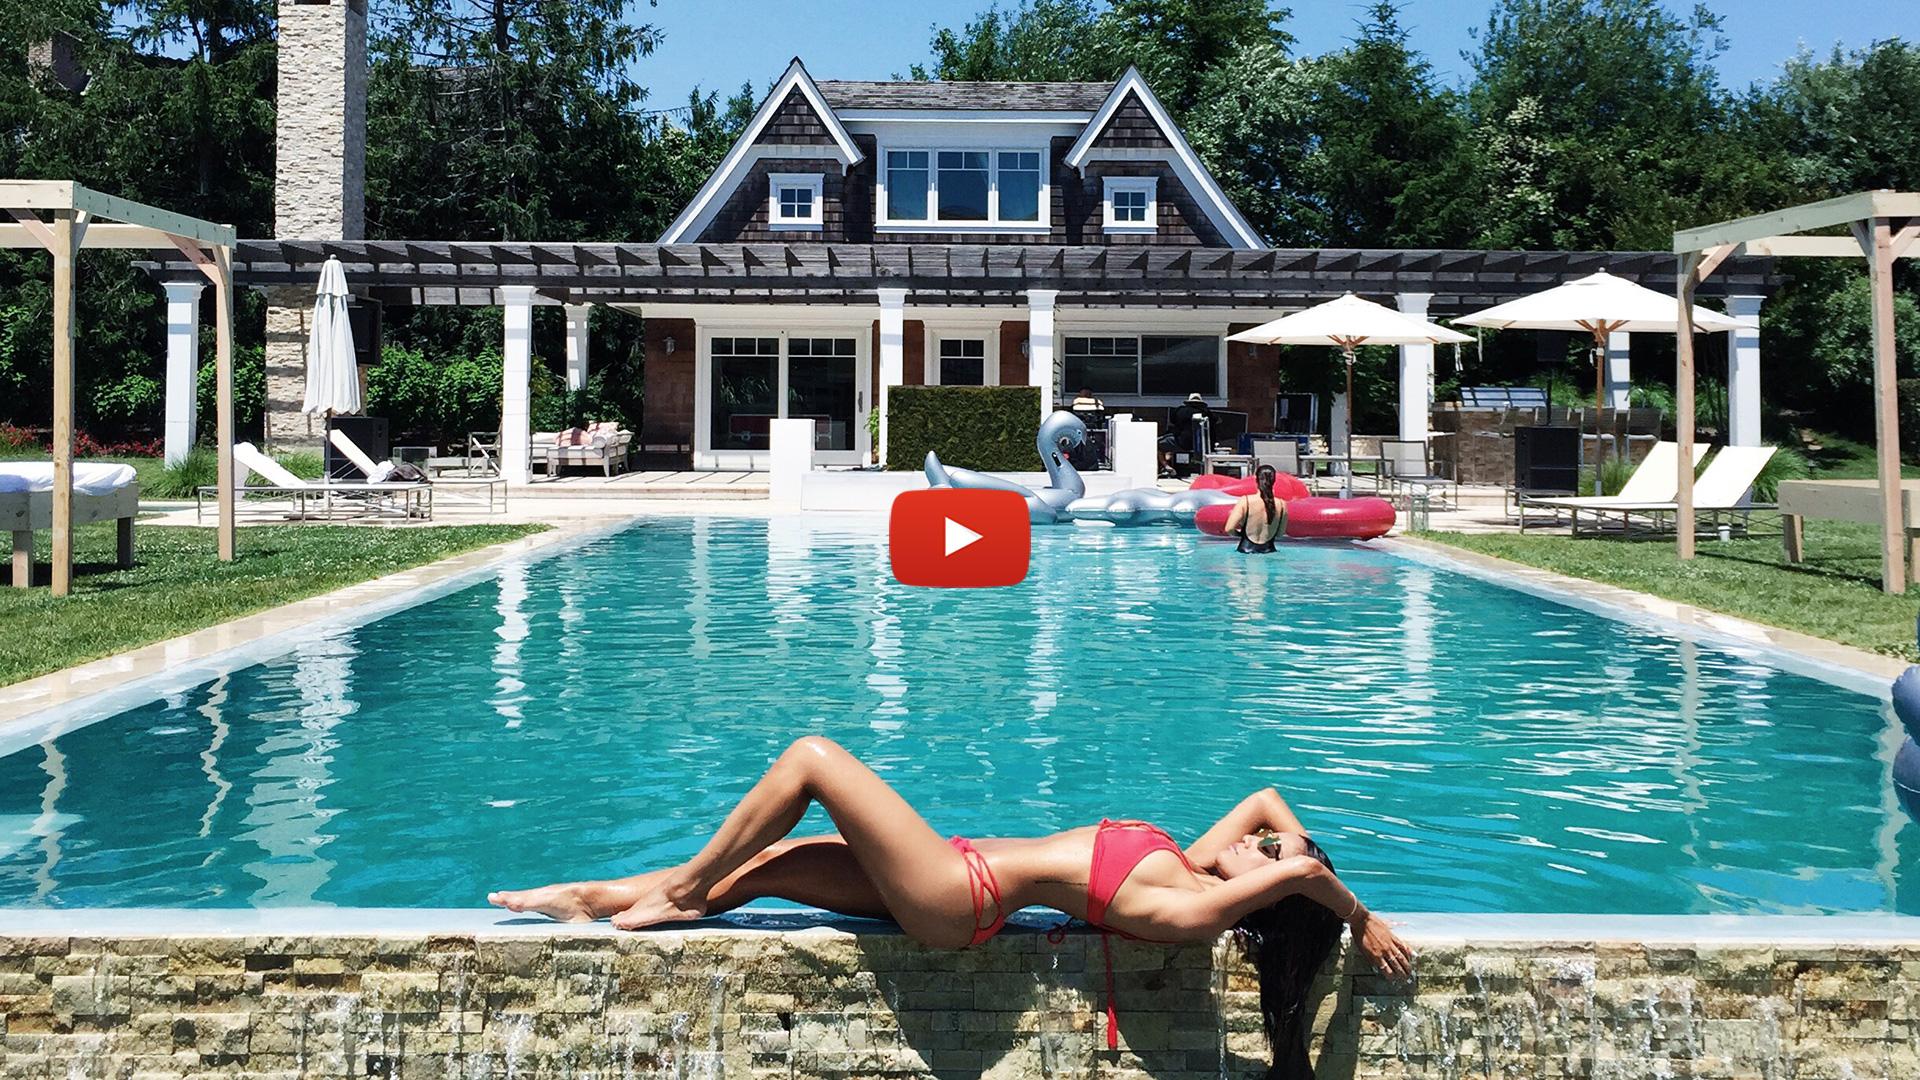 Jessi Malay at Revolve In The Hamptons NY 2016